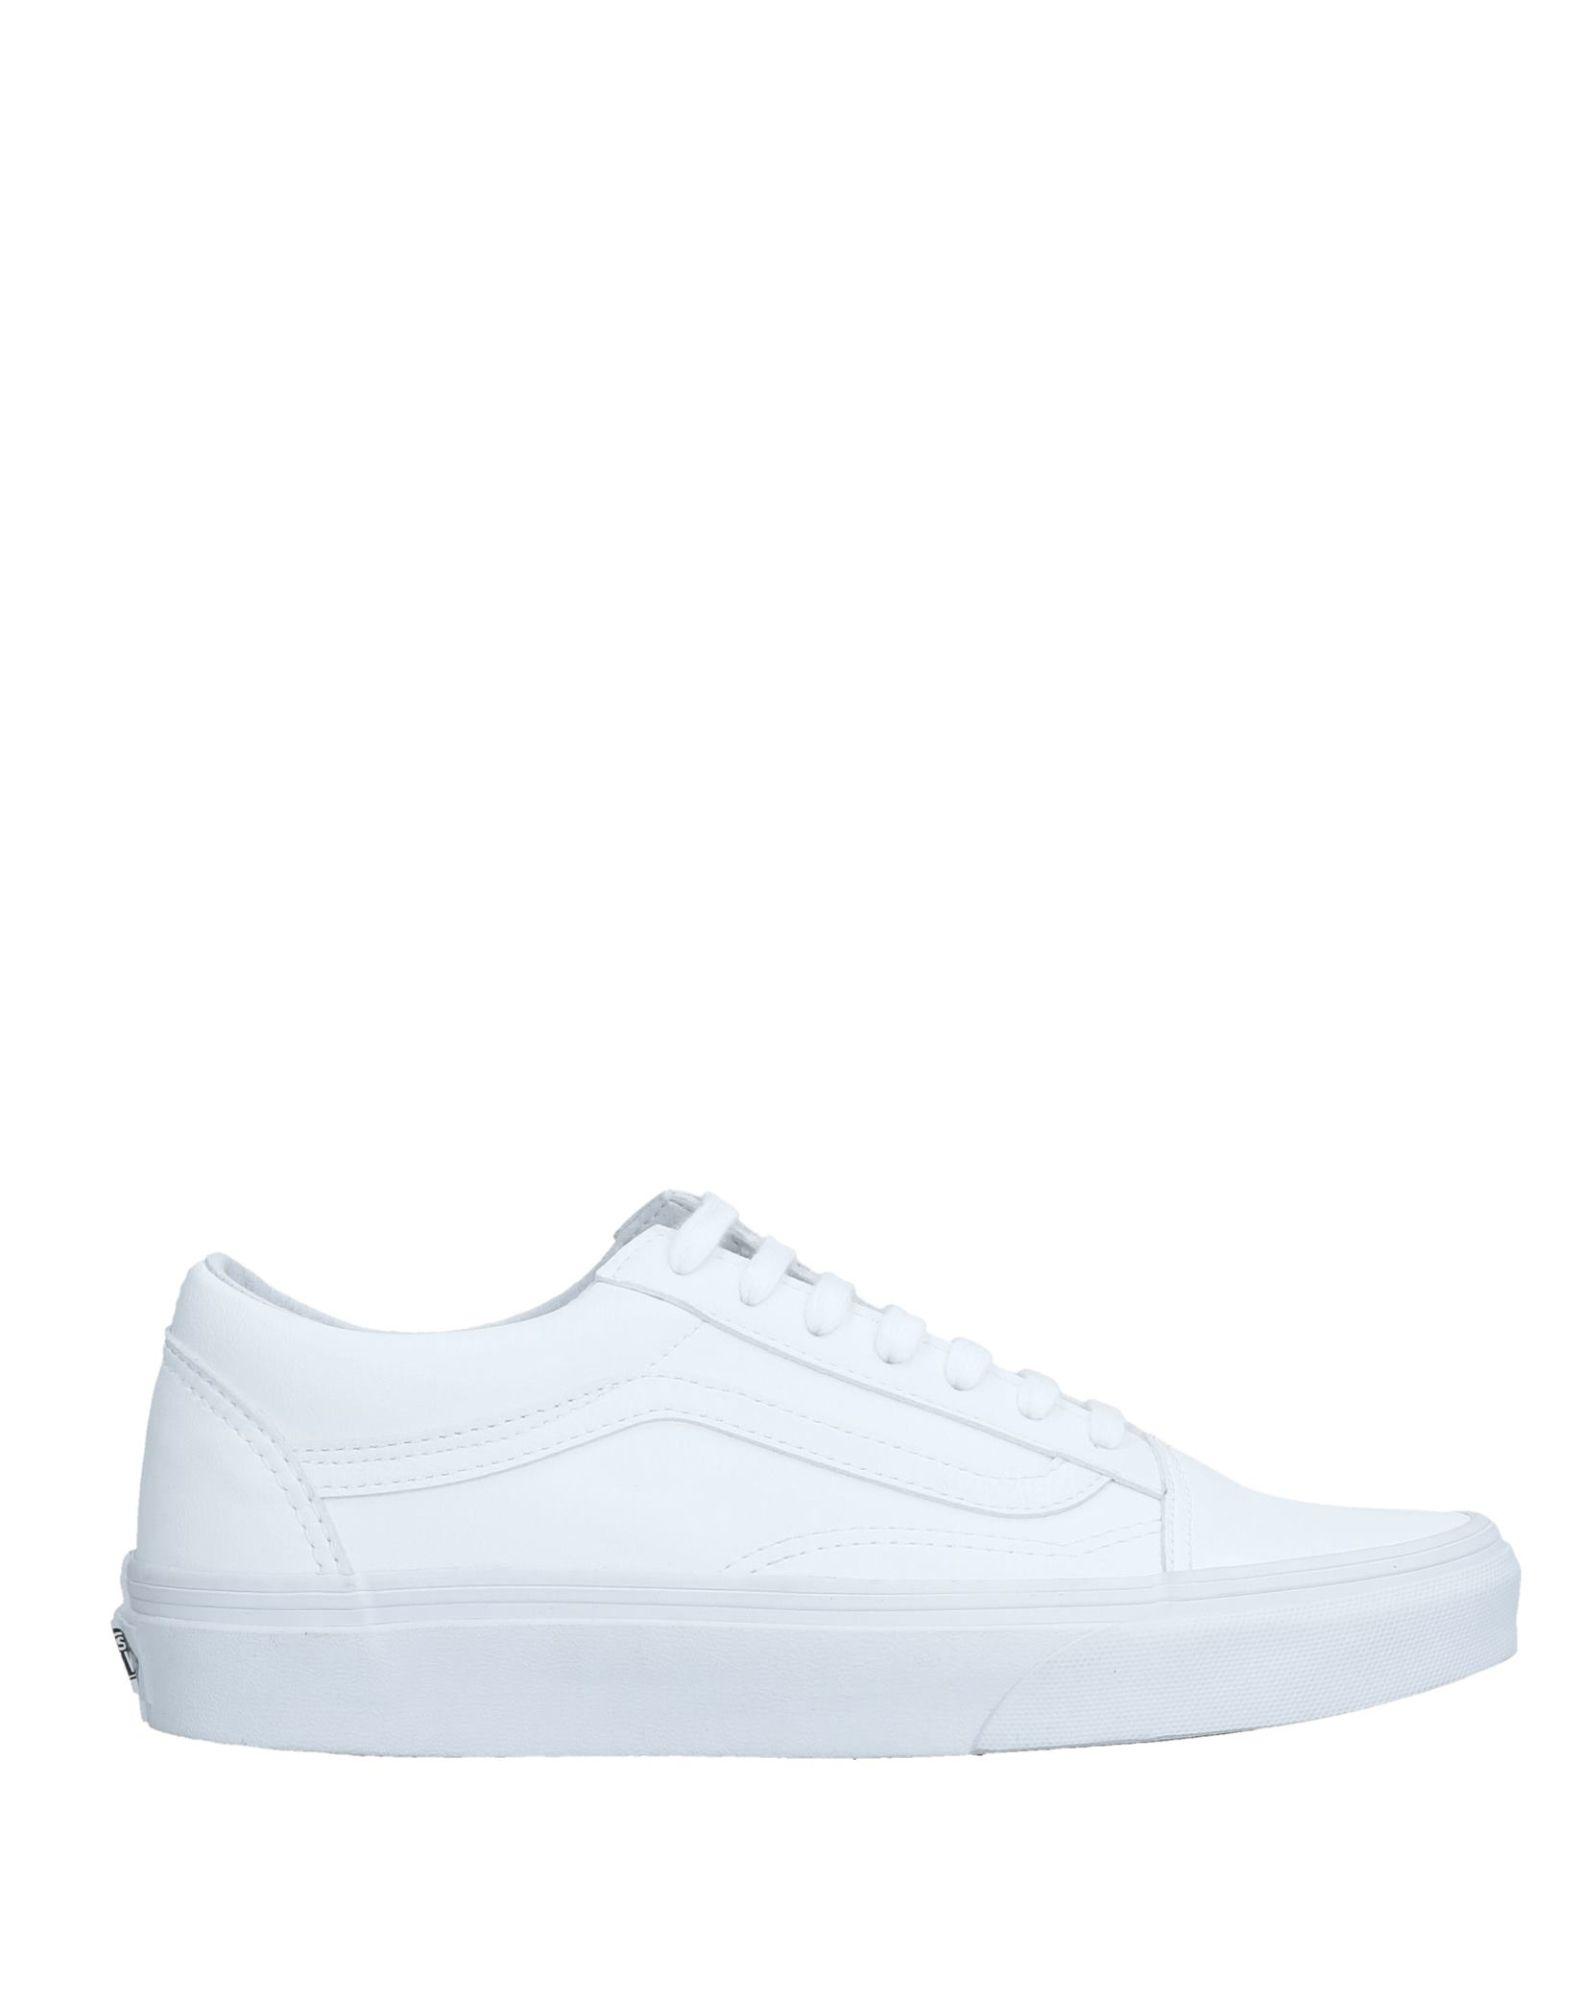 Vans 11547149UL Sneakers Damen  11547149UL Vans Gute Qualität beliebte Schuhe eda2aa